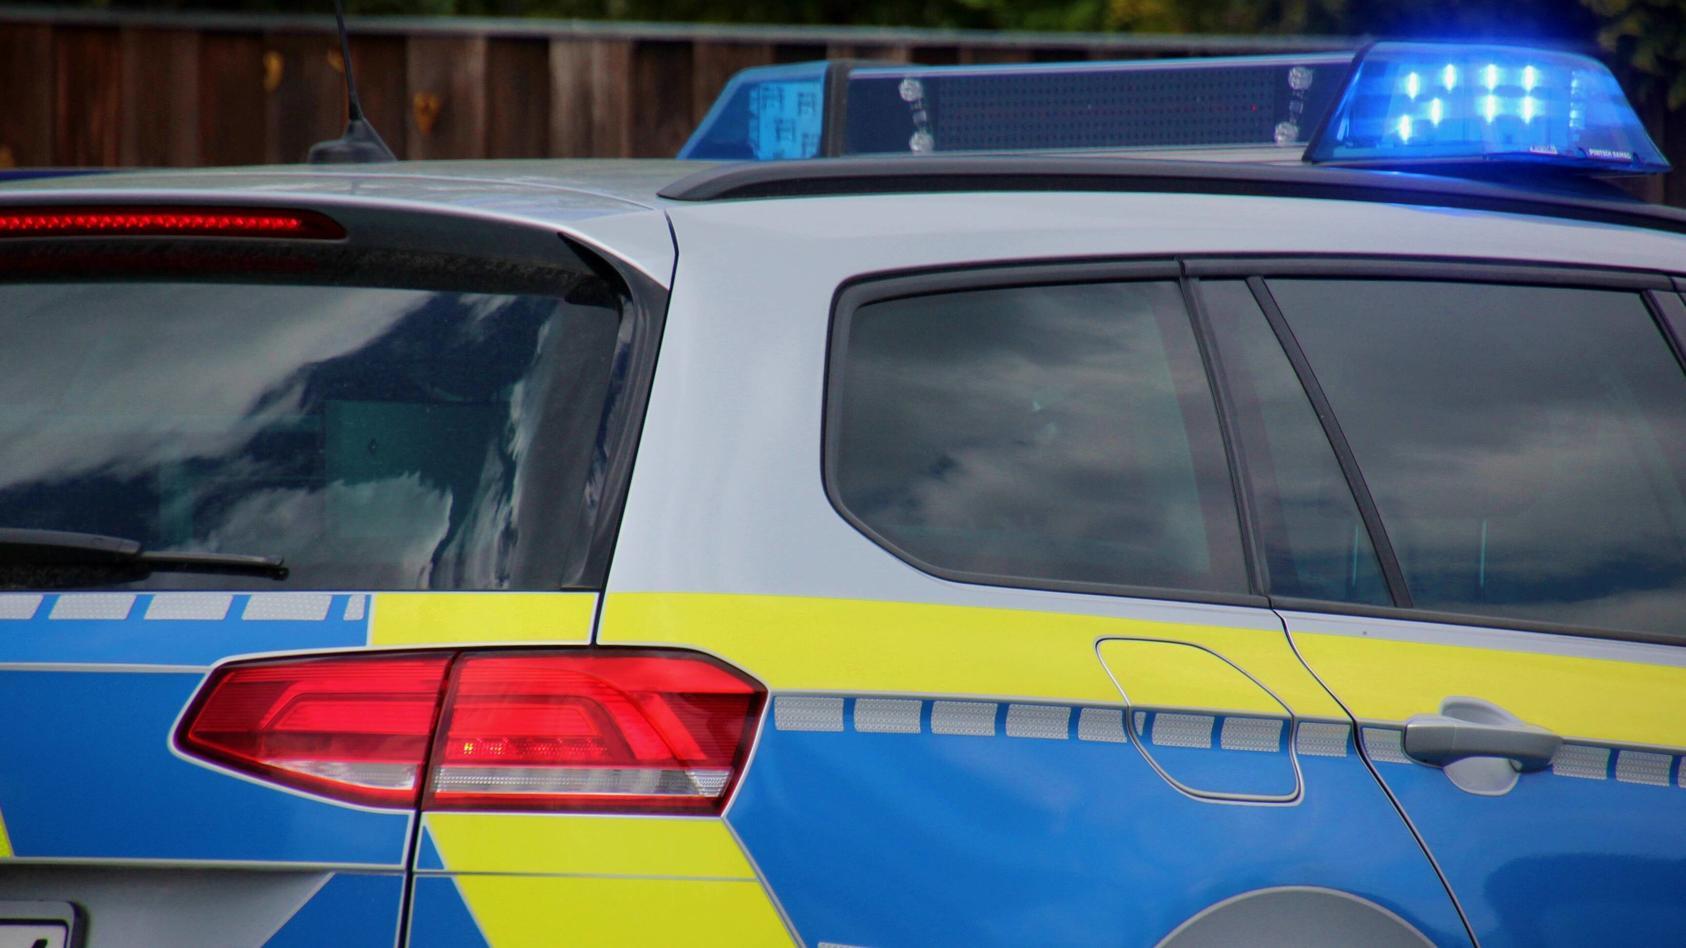 Das Ordnungsamt der Stadt Düsseldorf hat eine illegale Raverparty unter einer Autobahnbrücke an der A44 aufgelöst.